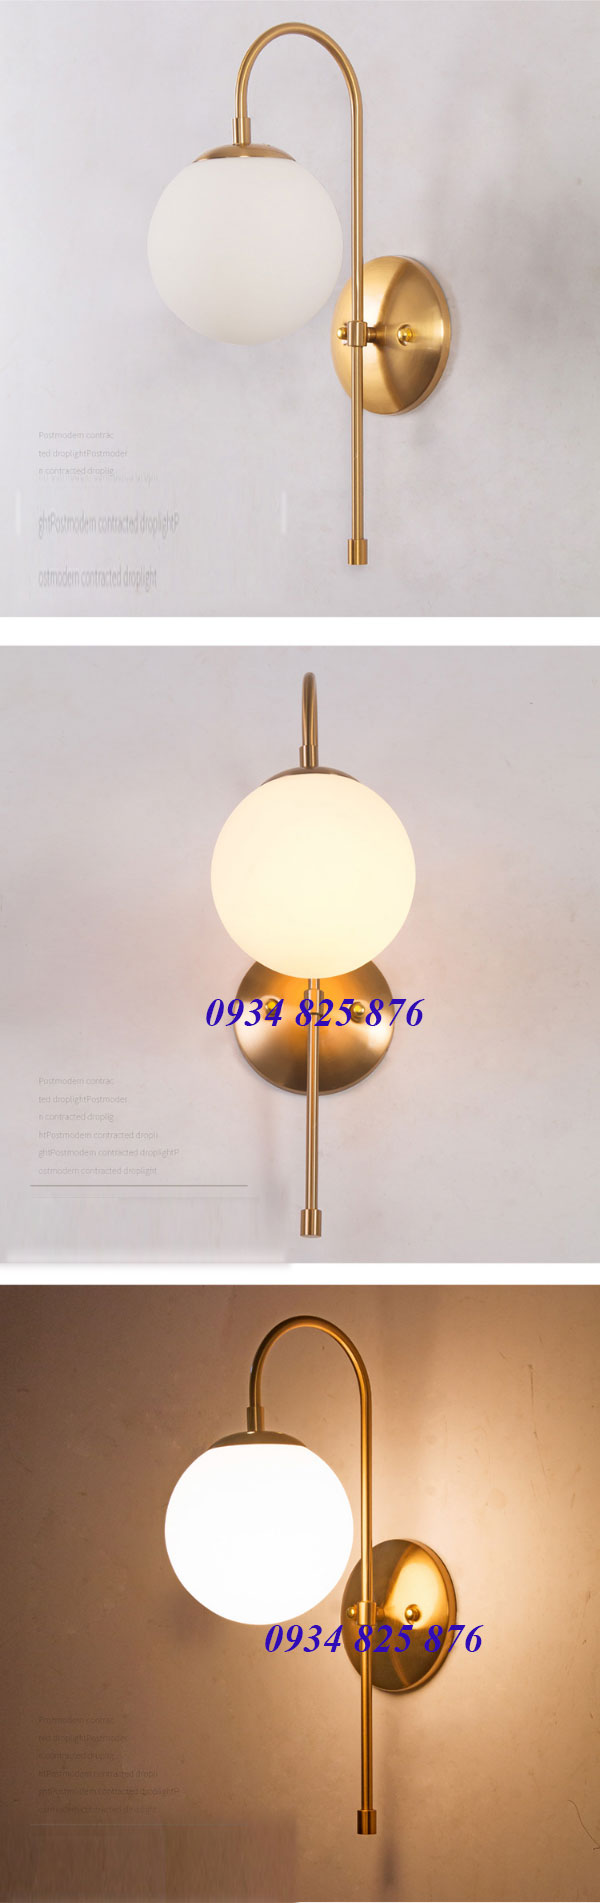 Đèn Gắn Tường Thủy Tinh-LT011-1